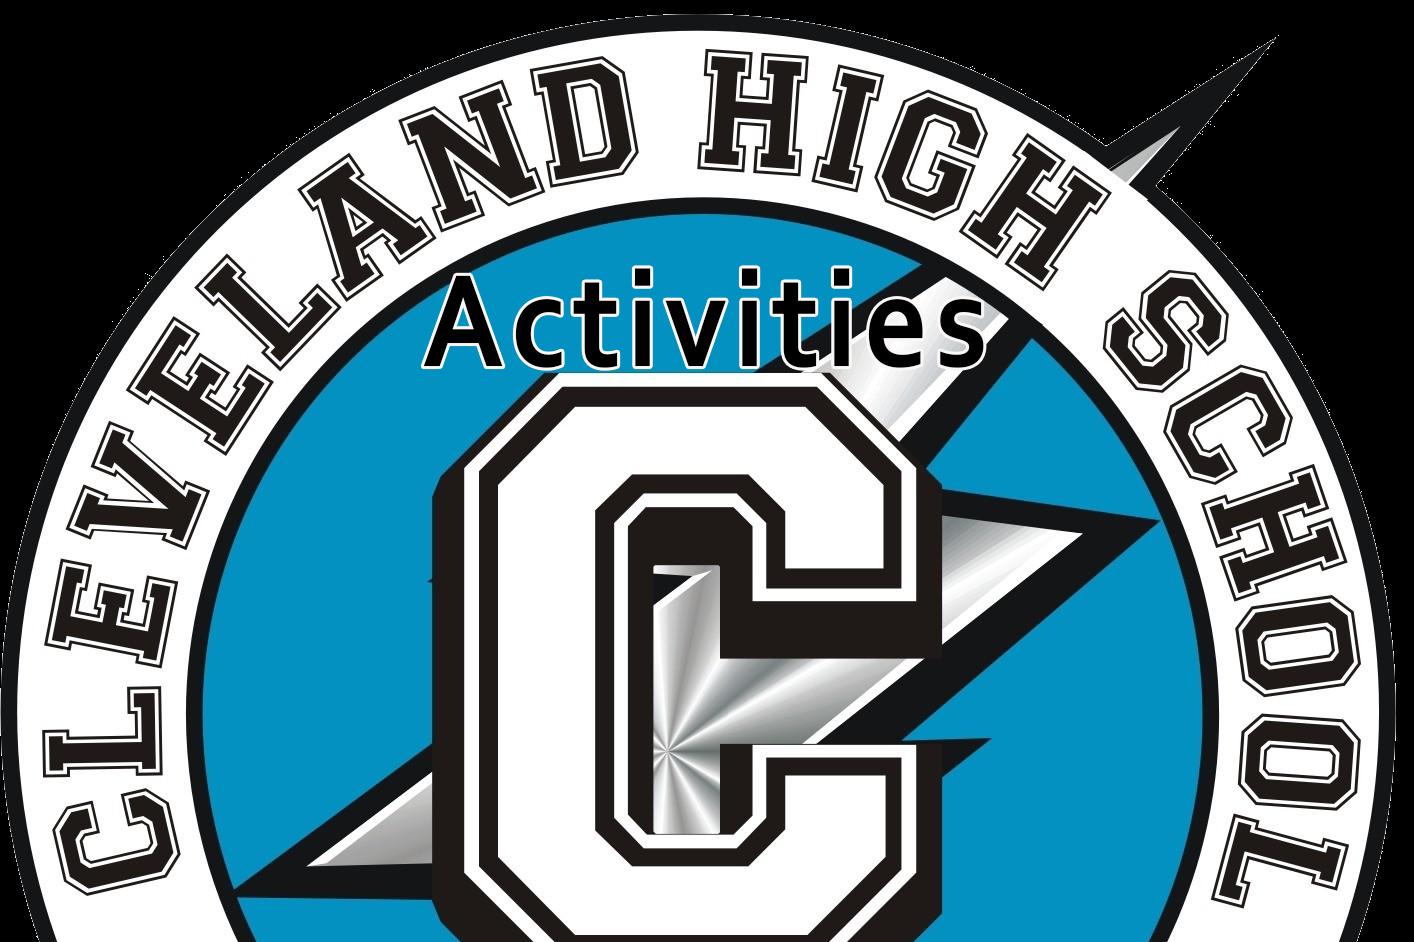 CHS Activities